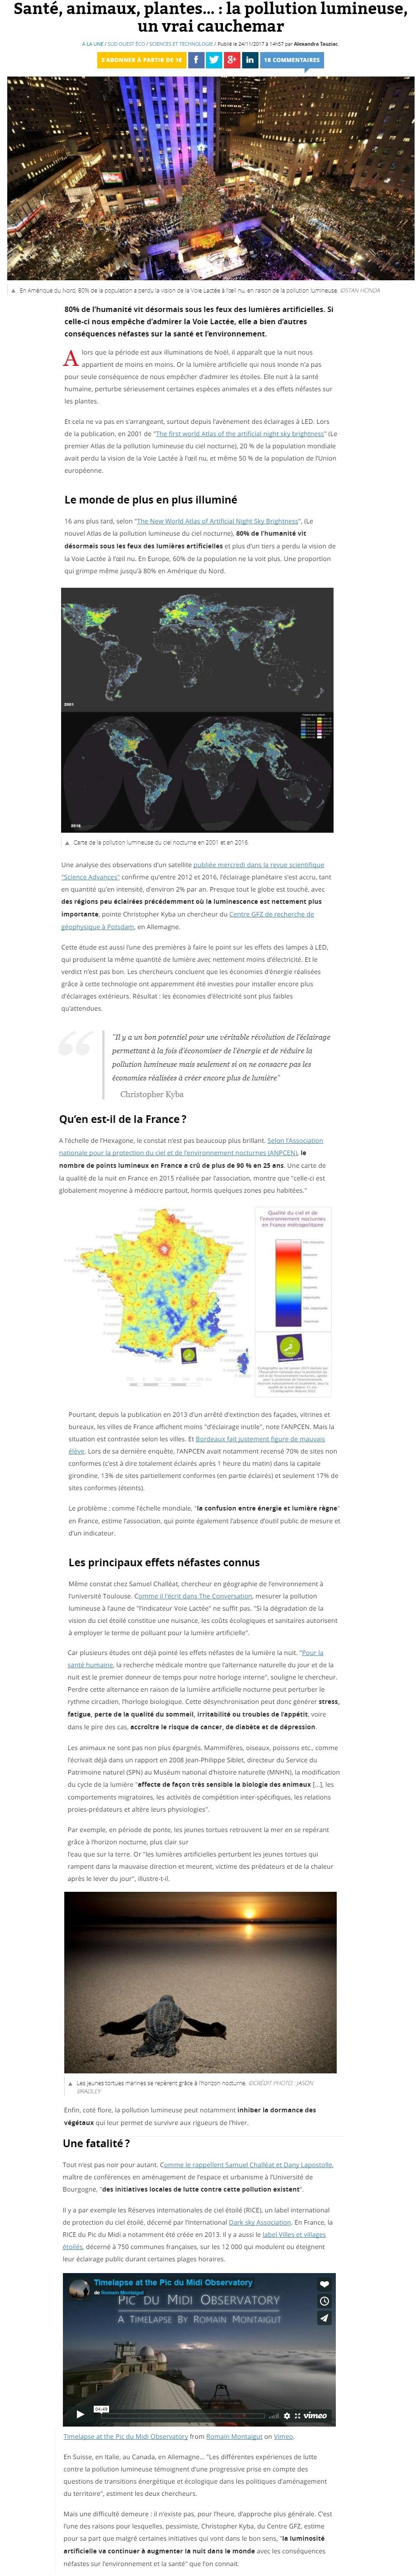 ANPCEN : luttons contre la pollution lumineuse - Page 3 300344SudOuest1